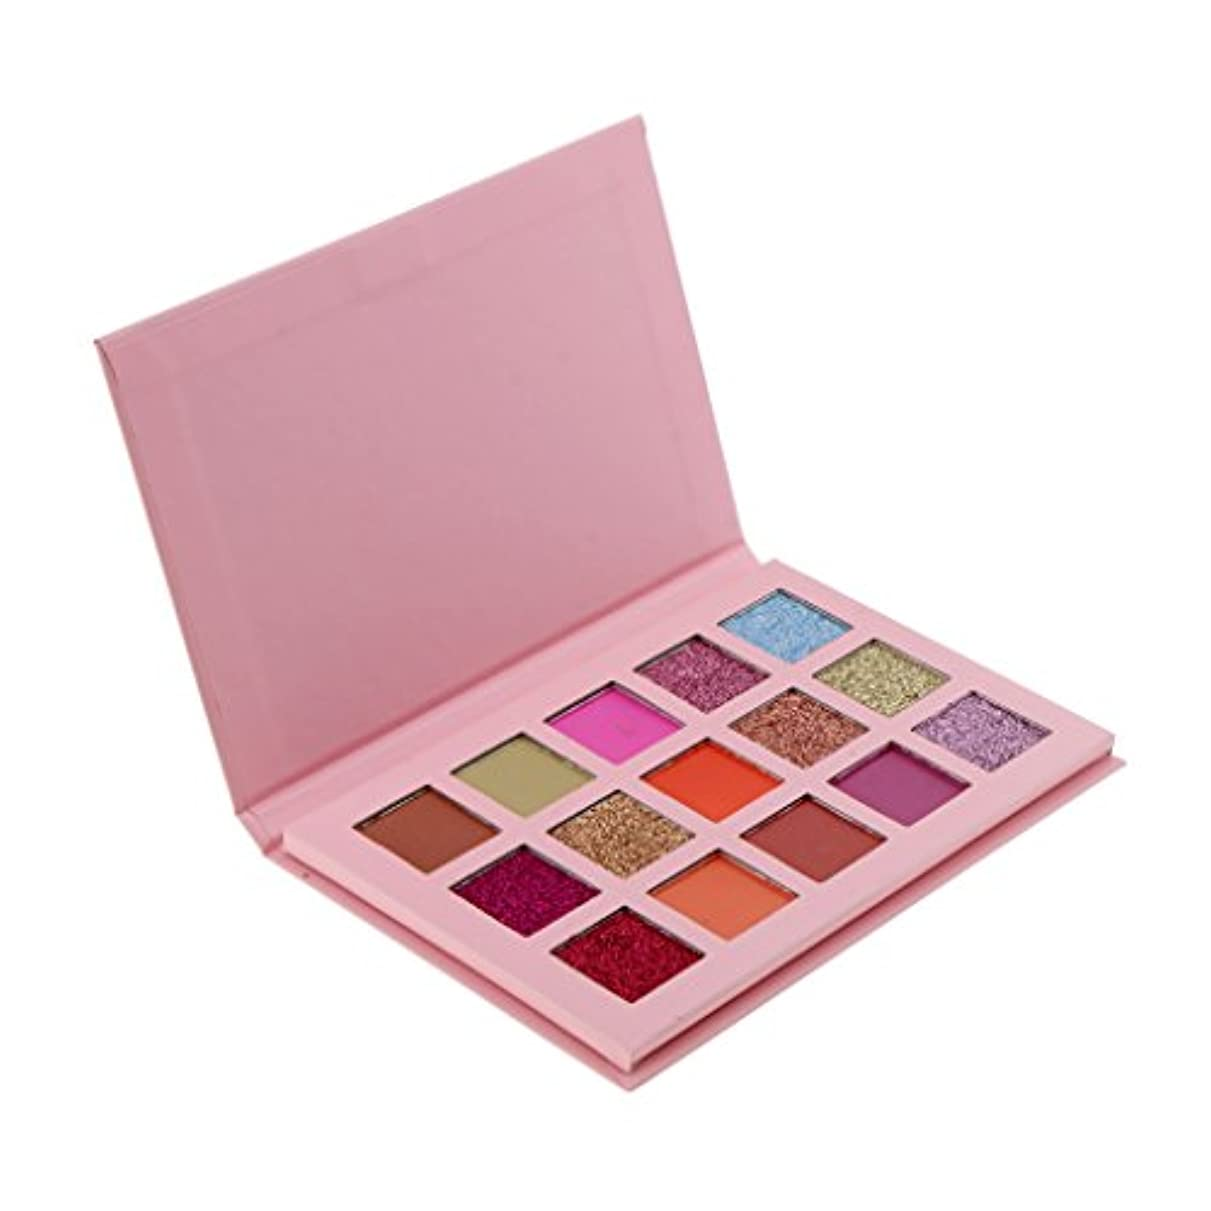 放棄するはさみオークランドアイシャドーパレット 15色 メイクアップパレット カラーメイク アイメイク 長持ち 高品質